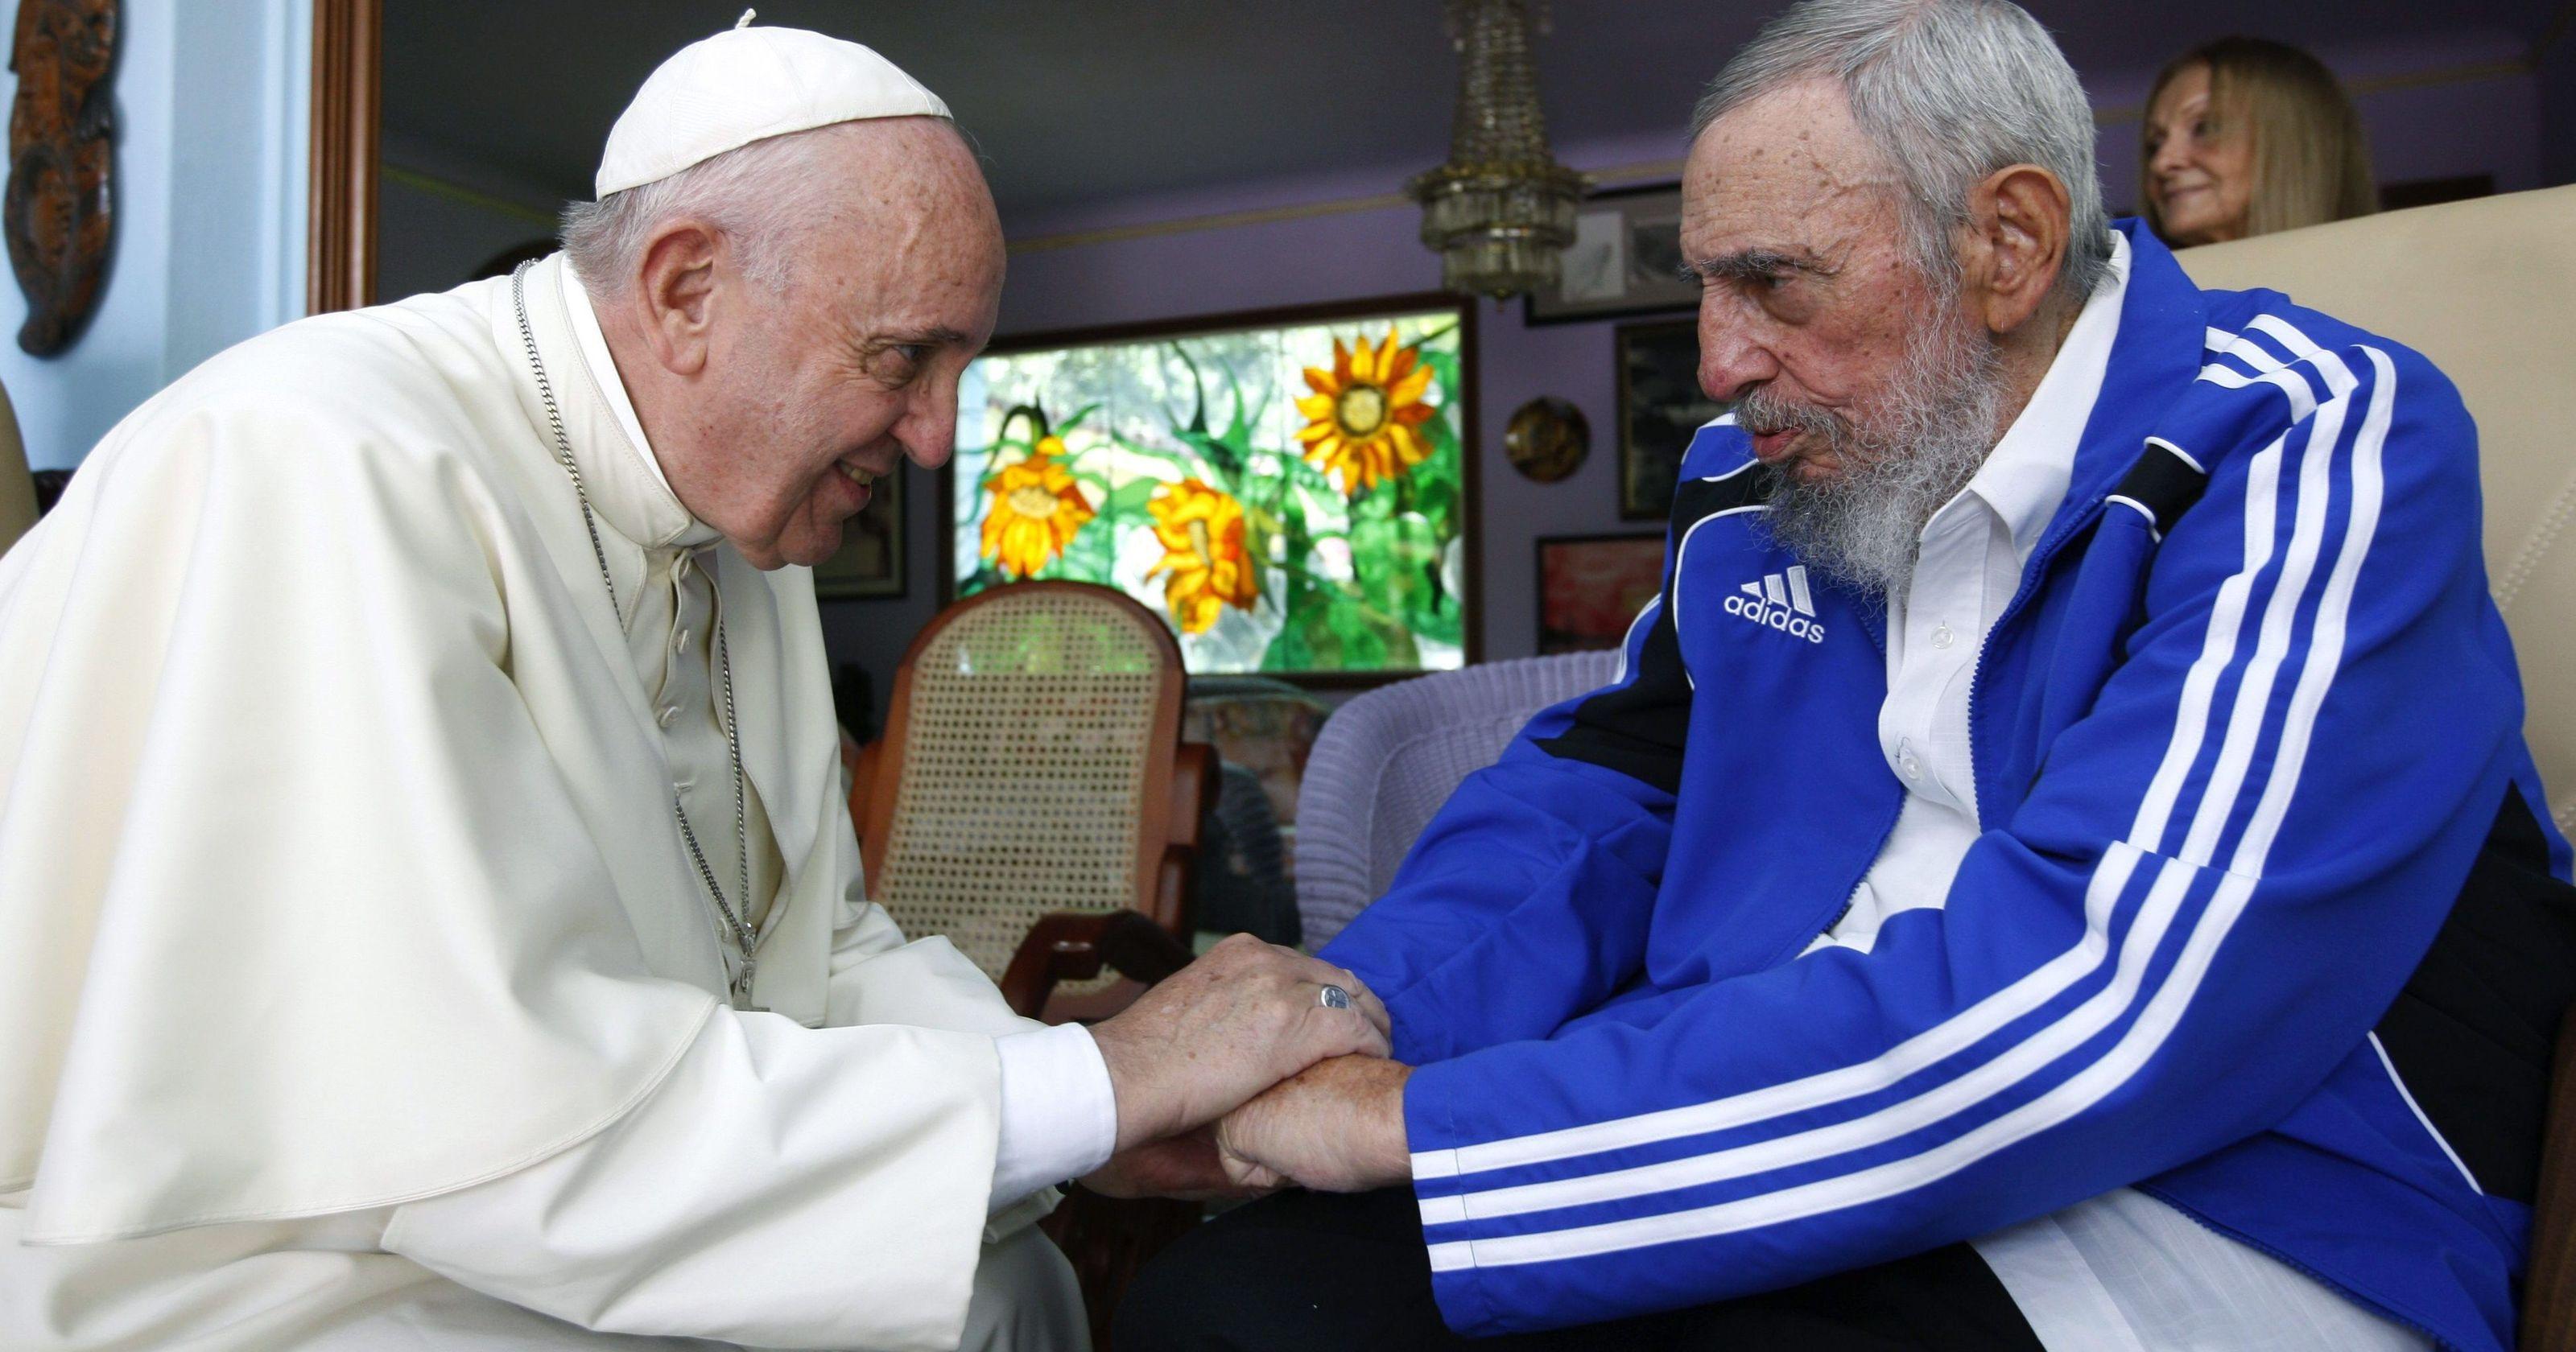 635784183234763178-epa-cuba-vatican-diplomacy-pope-visit.jpg